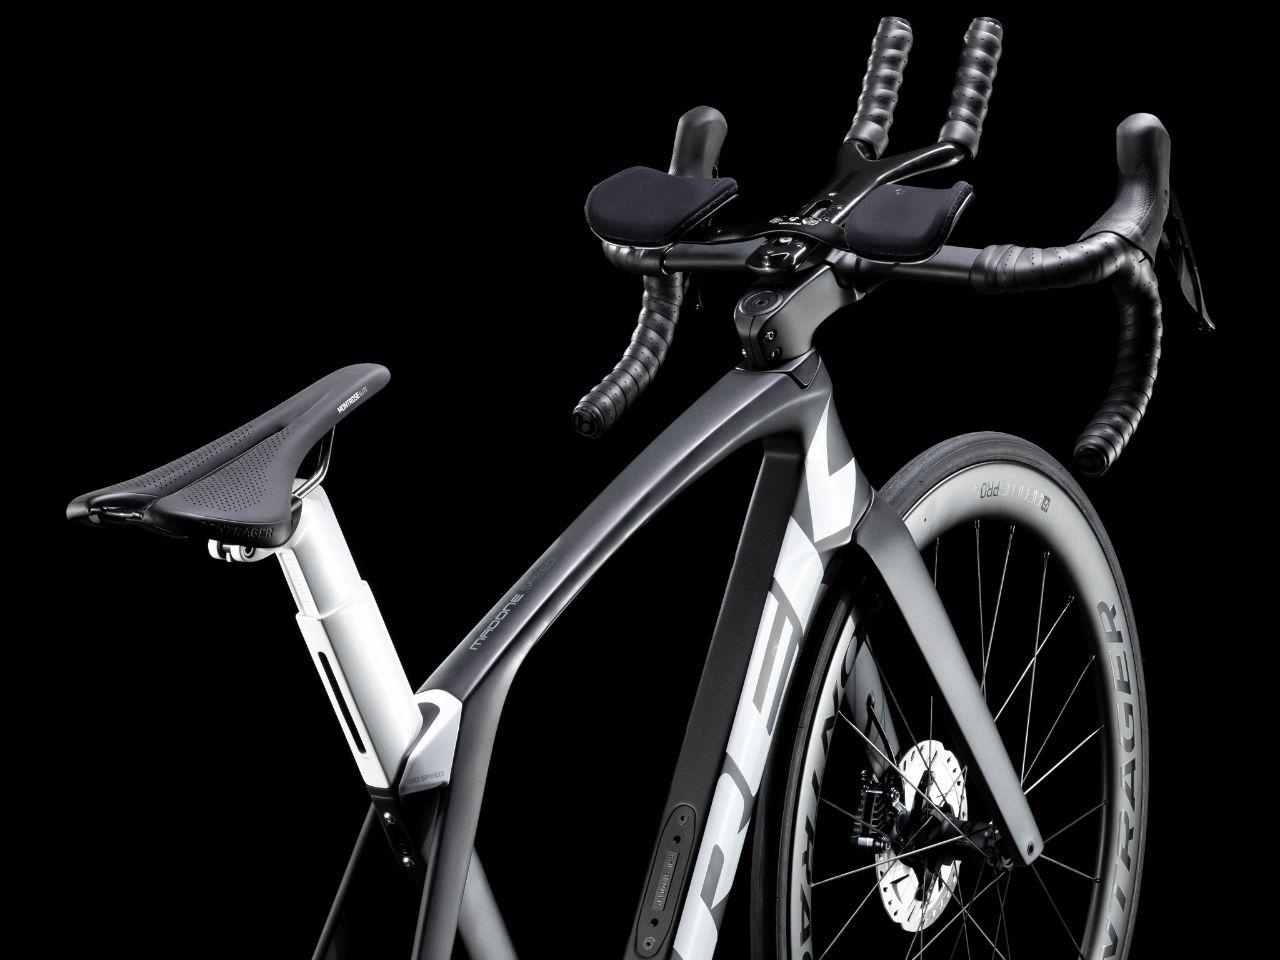 Trek Madone Speed – First Look   AeroGeeks